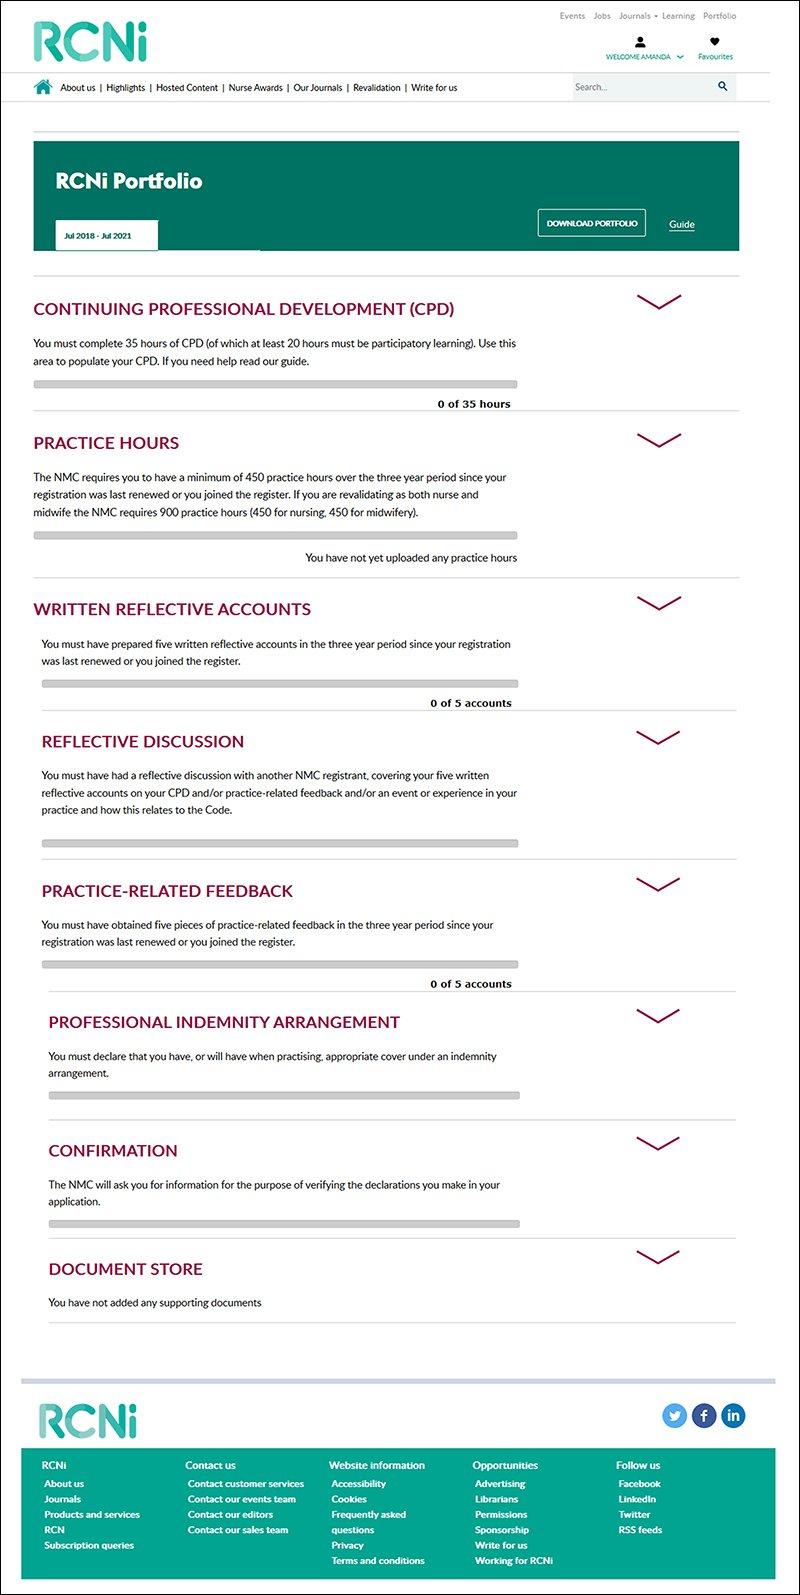 Your guide to the RCNi Portfolio | RCNi